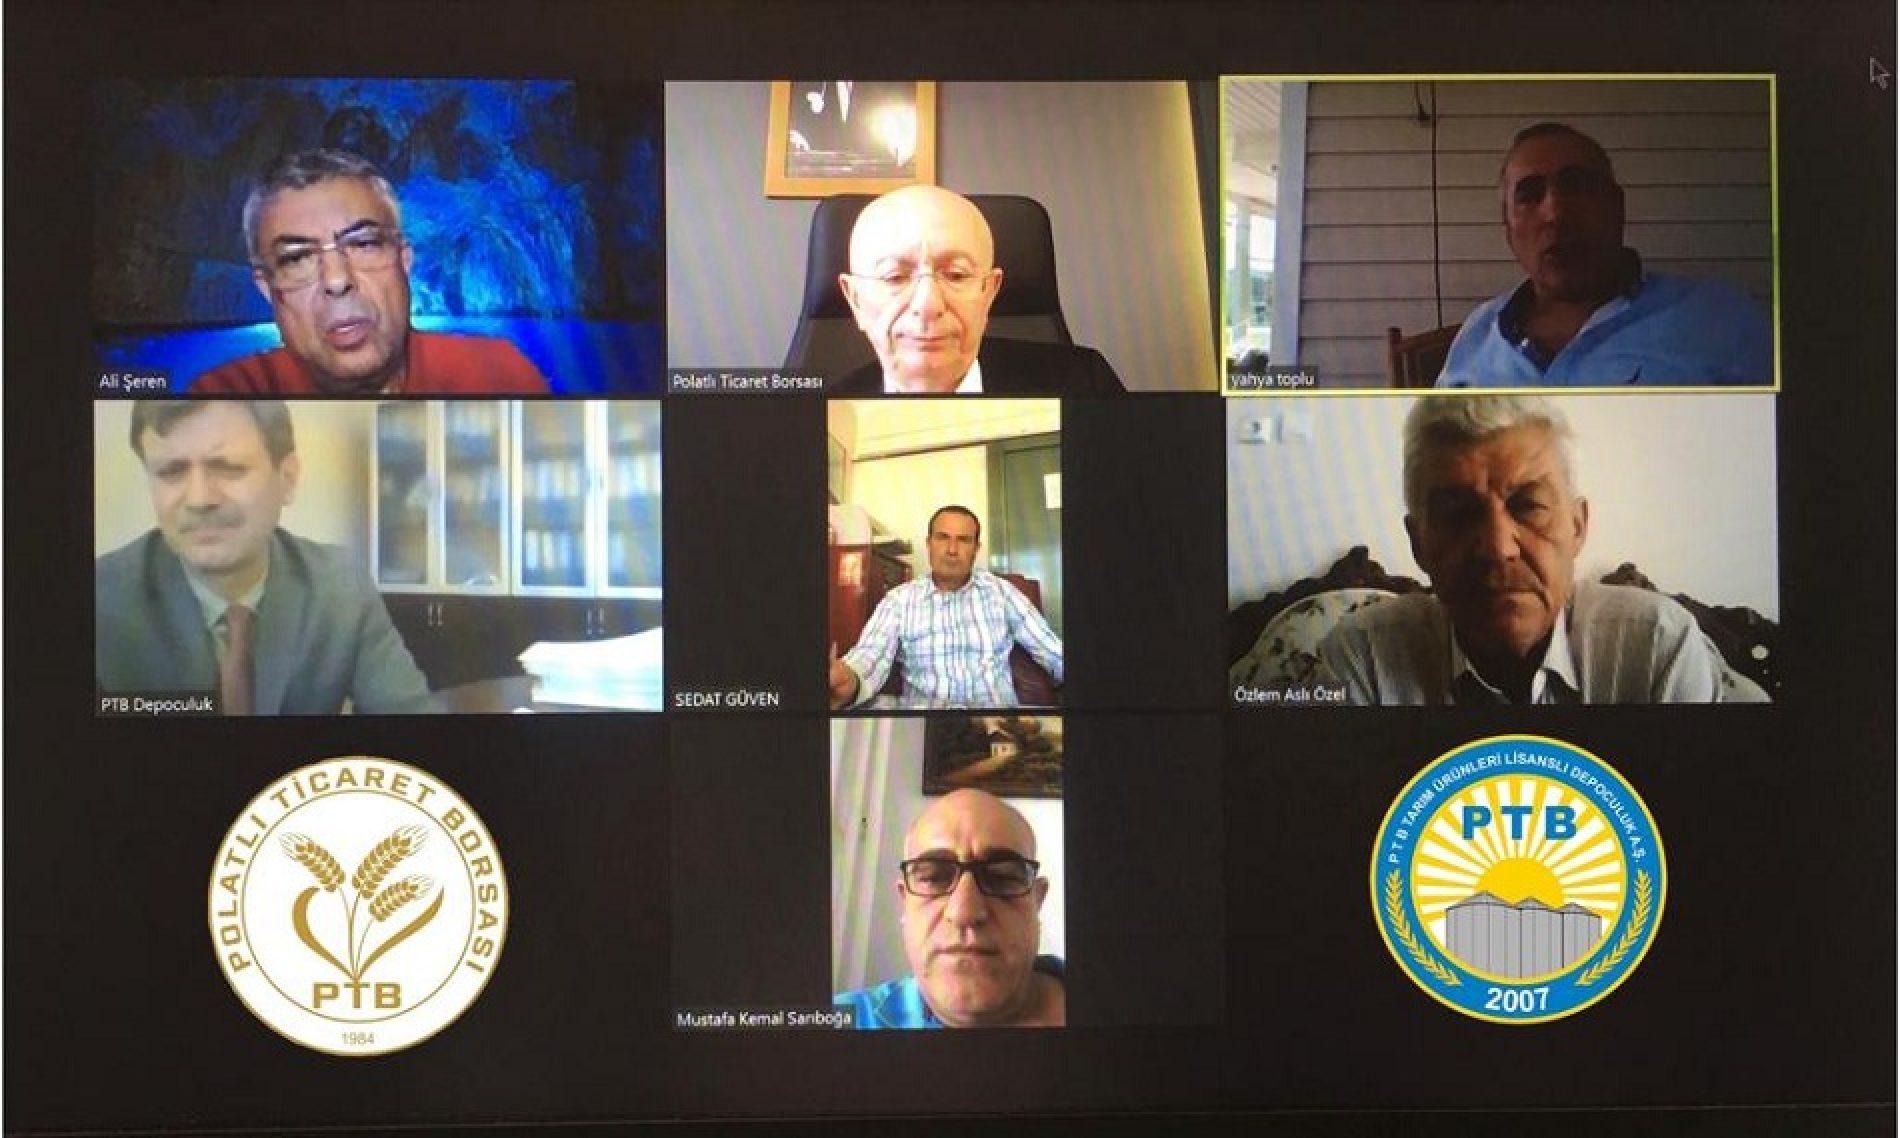 """PTB Lisanslı Depoculuk Hizmetleri A.Ş Yönetim Kurulu Toplantısı """"Video Konferans Yöntemi"""" ile Gerçekleştirildi…"""